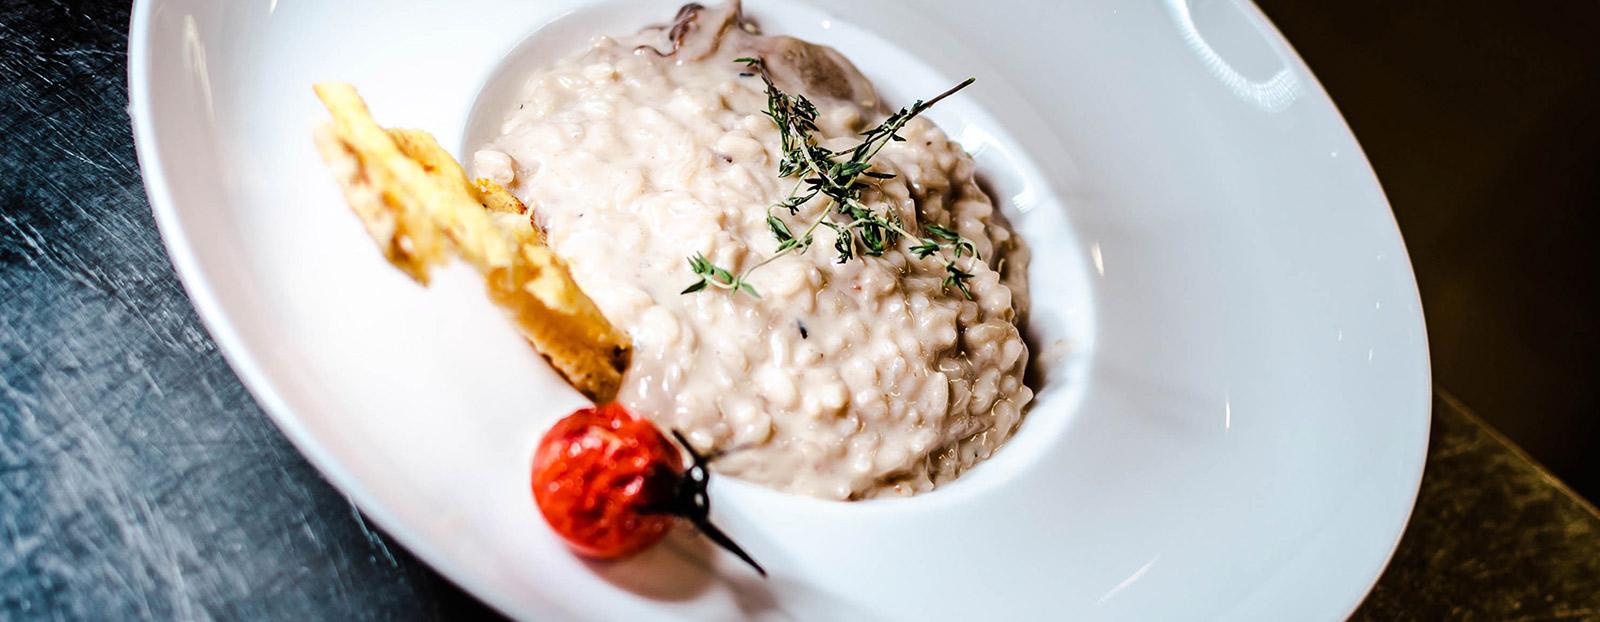 ristorante-rossi-sapori-risotto